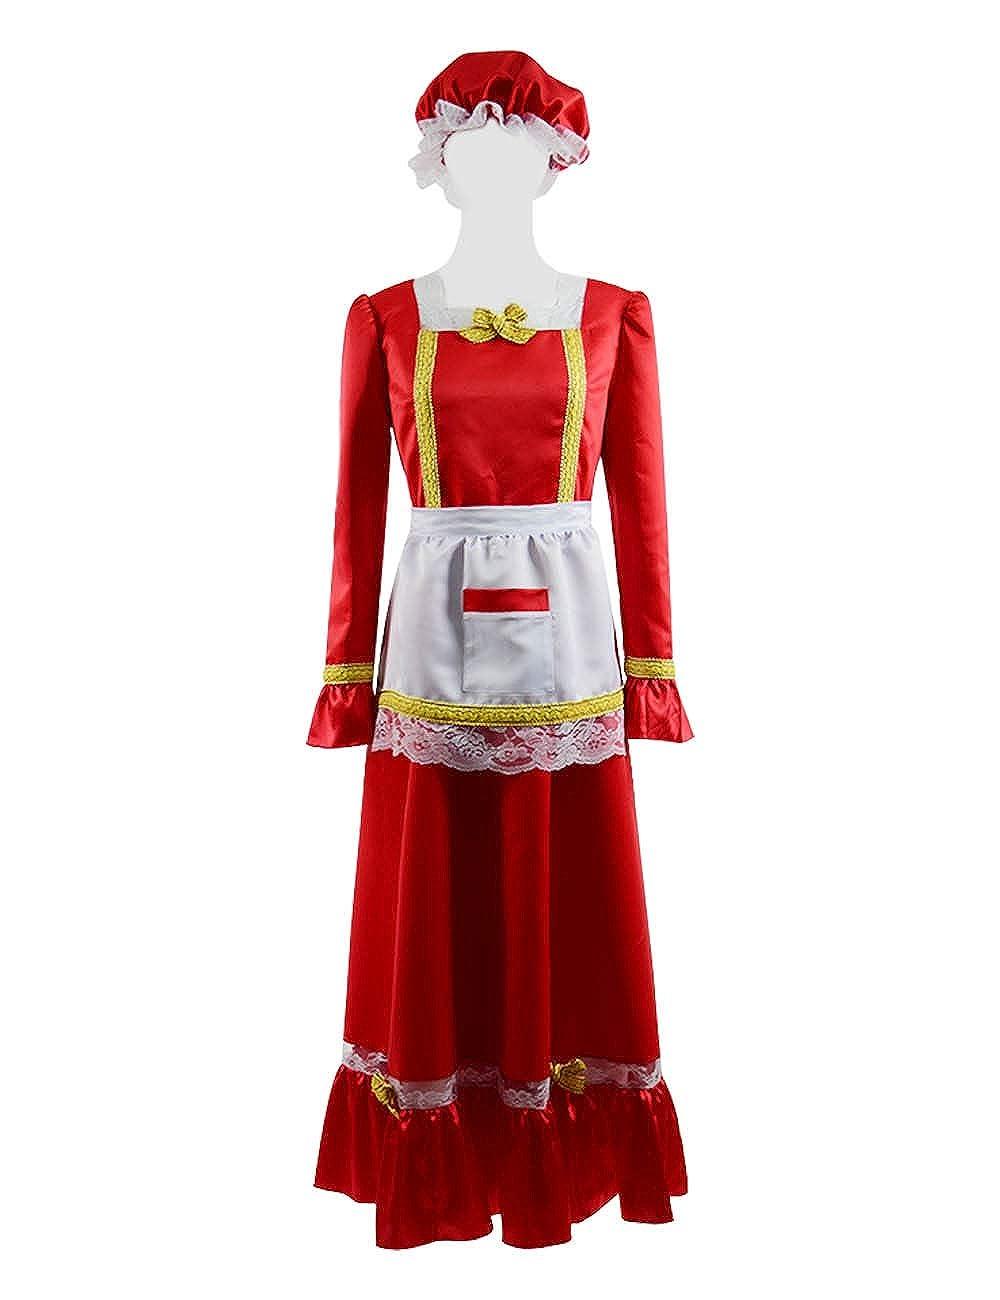 Yewei Damen Weihnachten Christmas Santa Claus Rot Kostüm Cosplay Dress Kleid Kostüm Set B07L6WH88X Kostüme für Erwachsene Ab dem neuesten Modell    | Verschiedene Stile